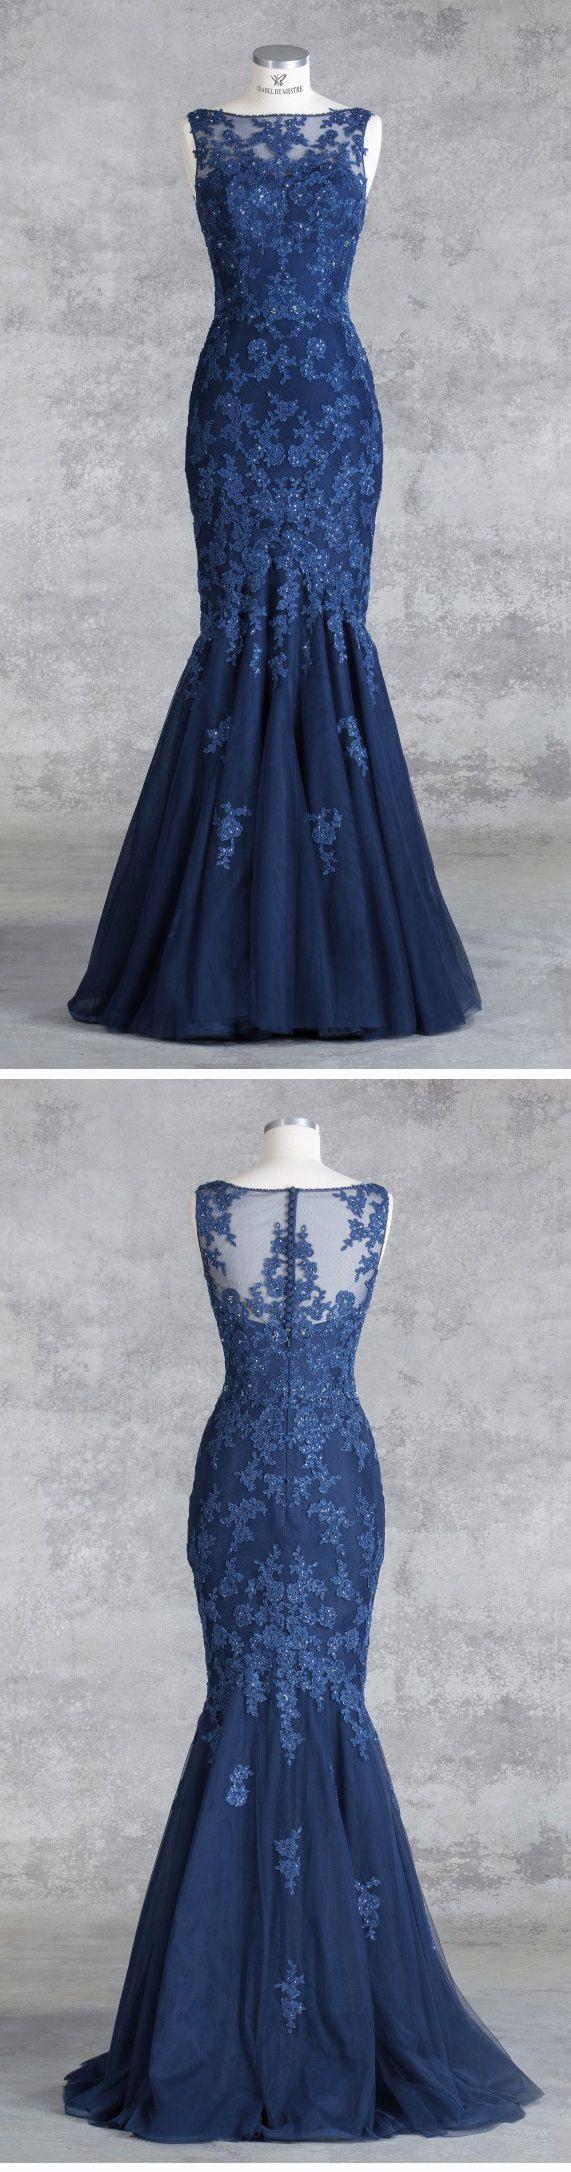 Designer Luxus Kleid Dunkelblau Hochzeit Vertrieb10 Leicht Kleid Dunkelblau Hochzeit Spezialgebiet